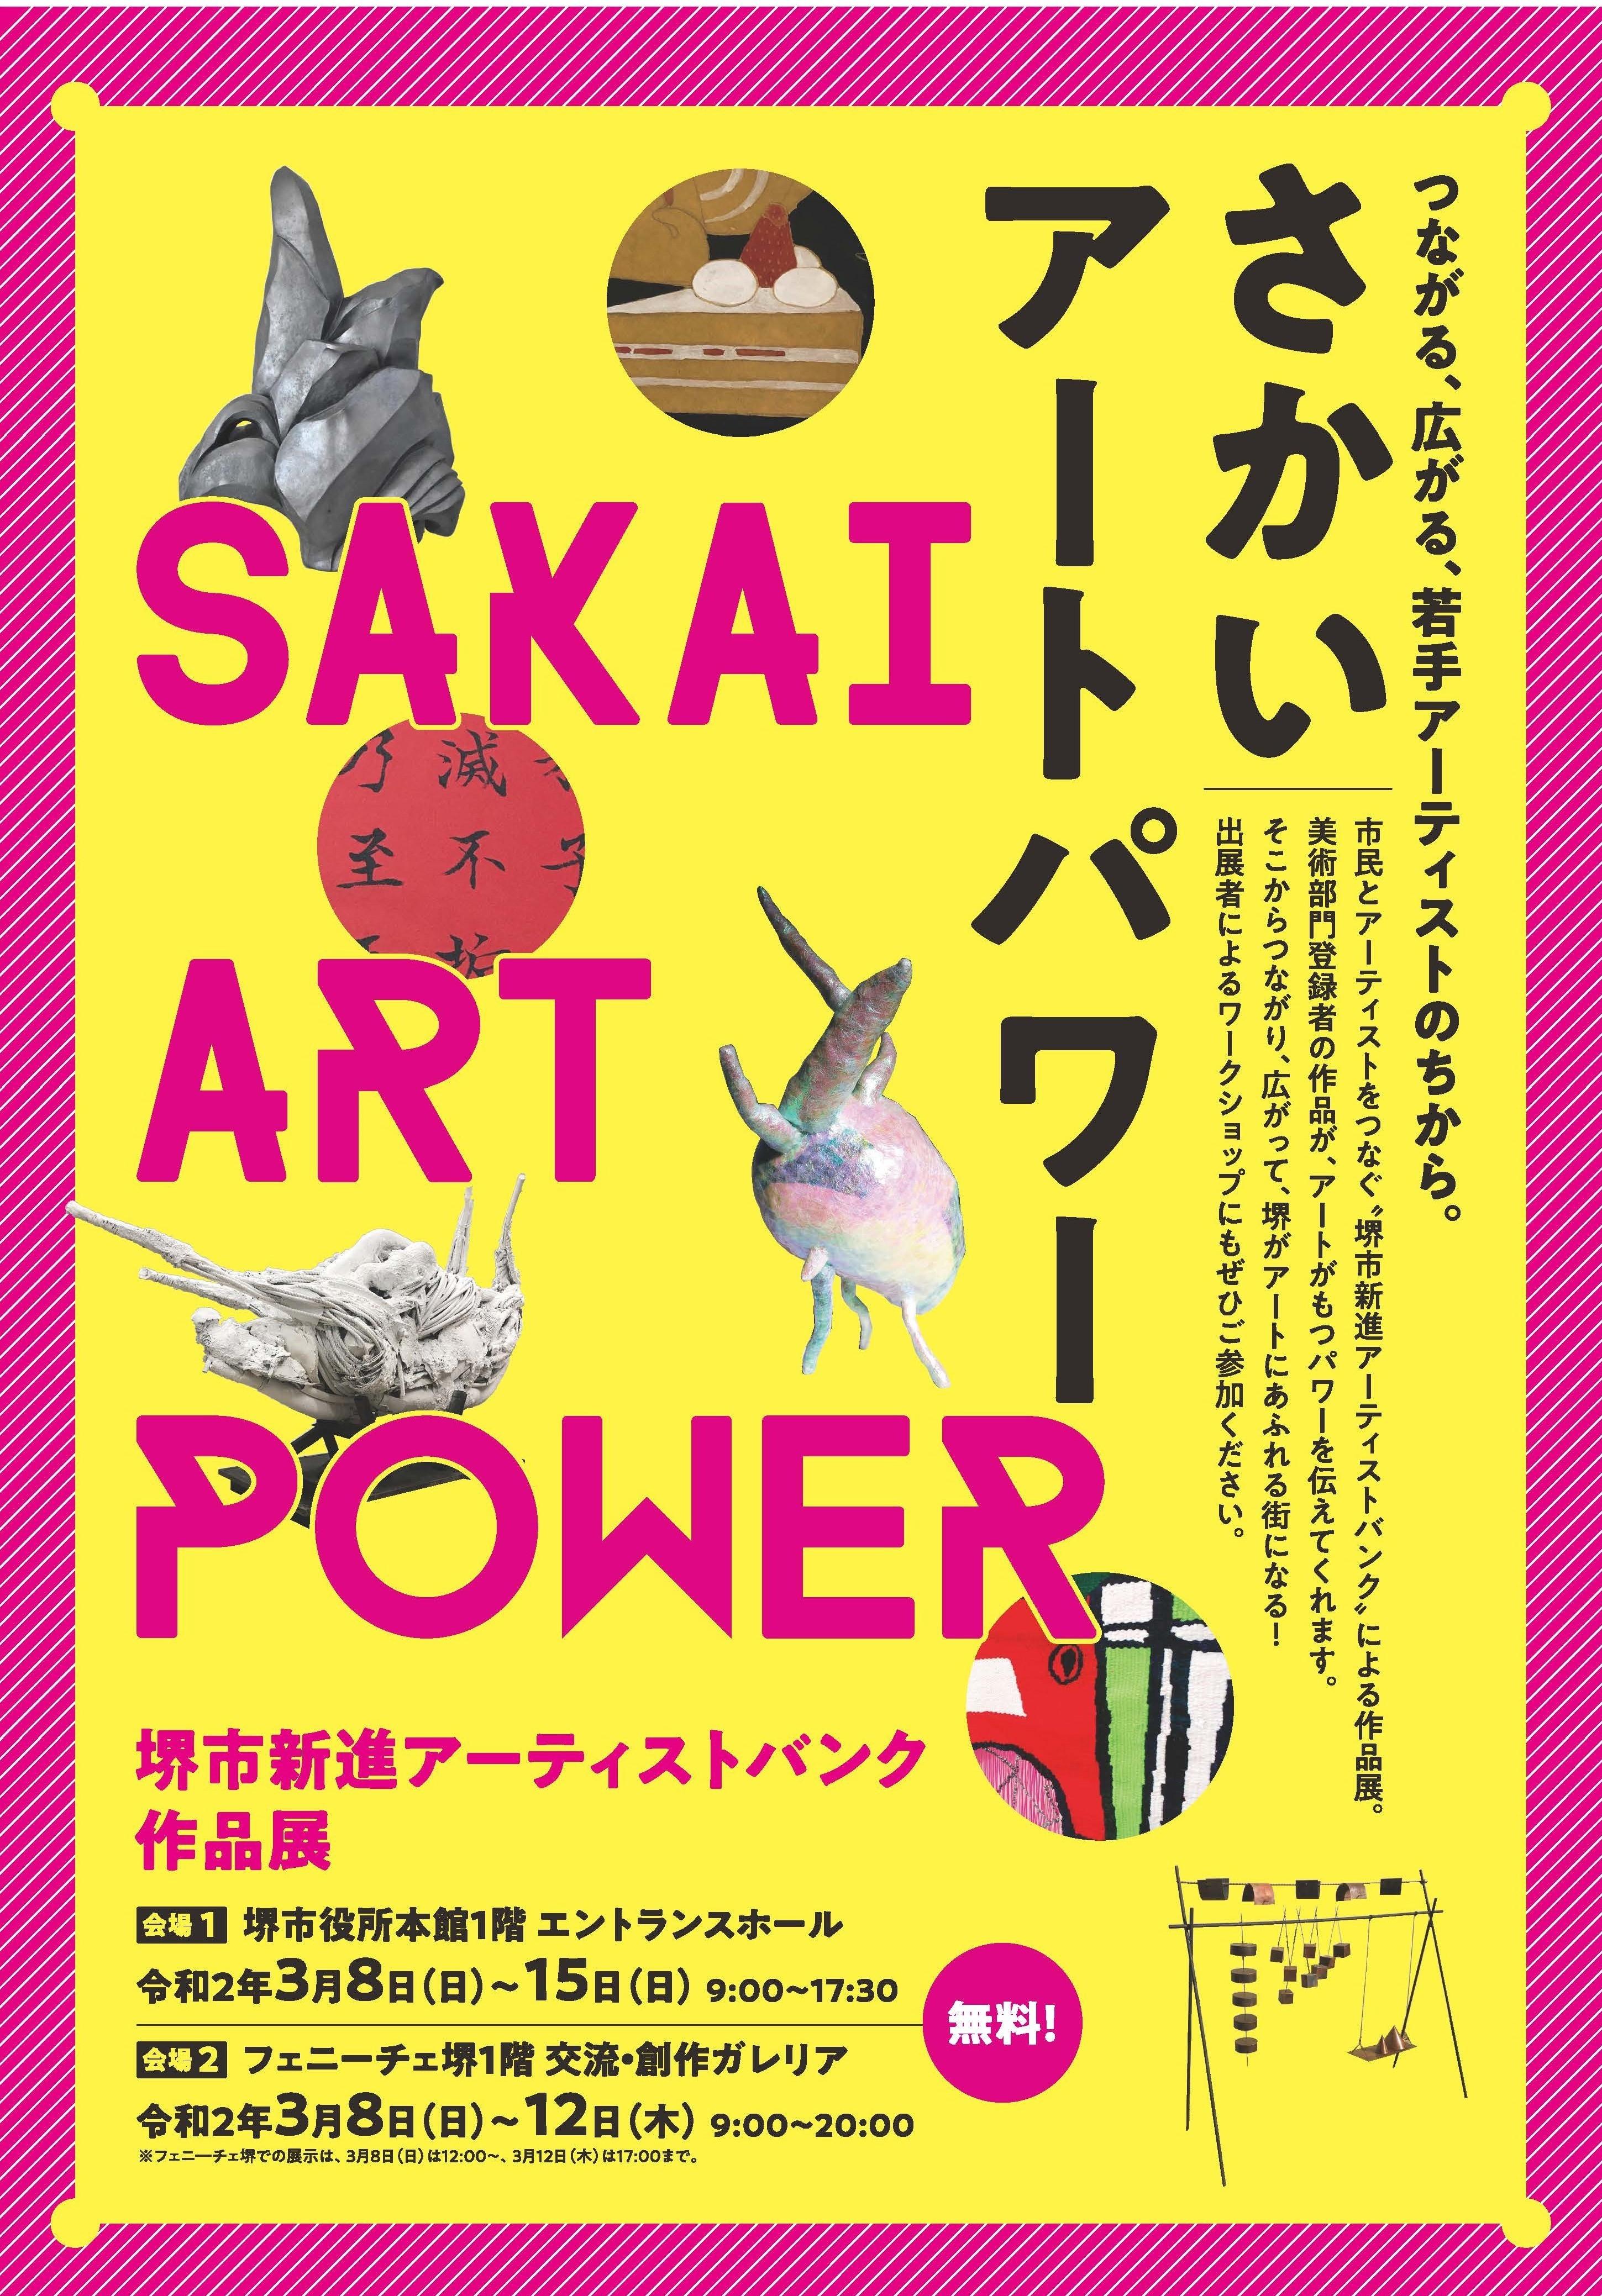 【中止】さかいアートパワー ワークショップ